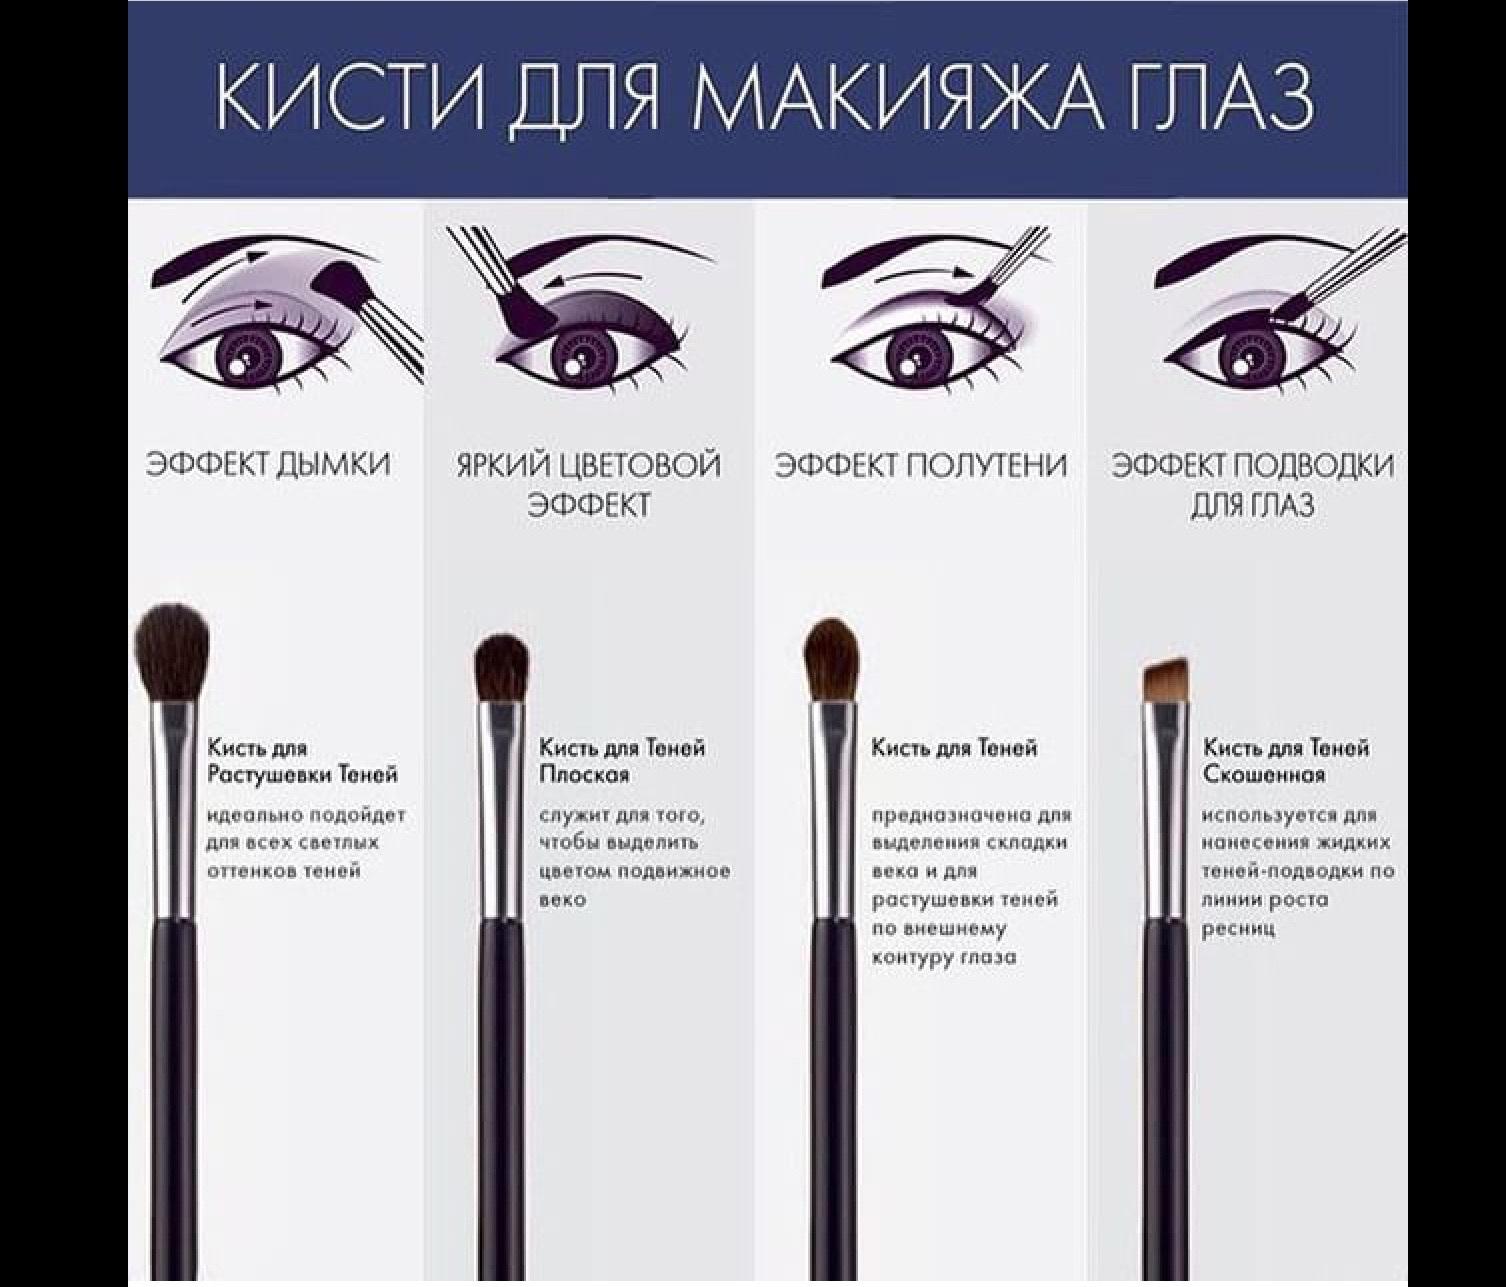 Как пользоваться кистями для макияжа в форме зубной щетки